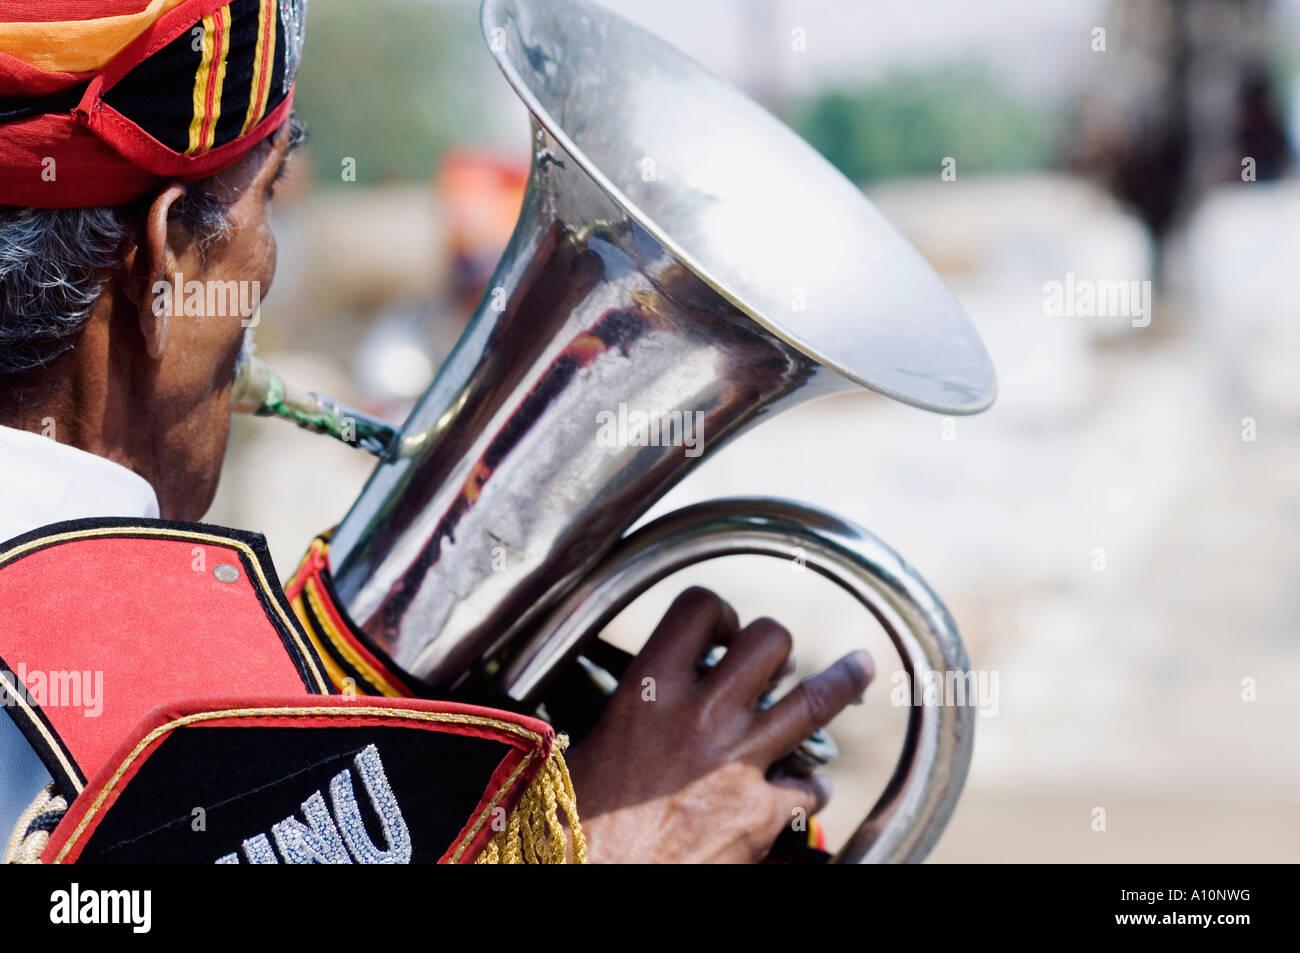 Vista posteriore di un uomo la riproduzione della tuba, Jaipur, Rajasthan, India Immagini Stock